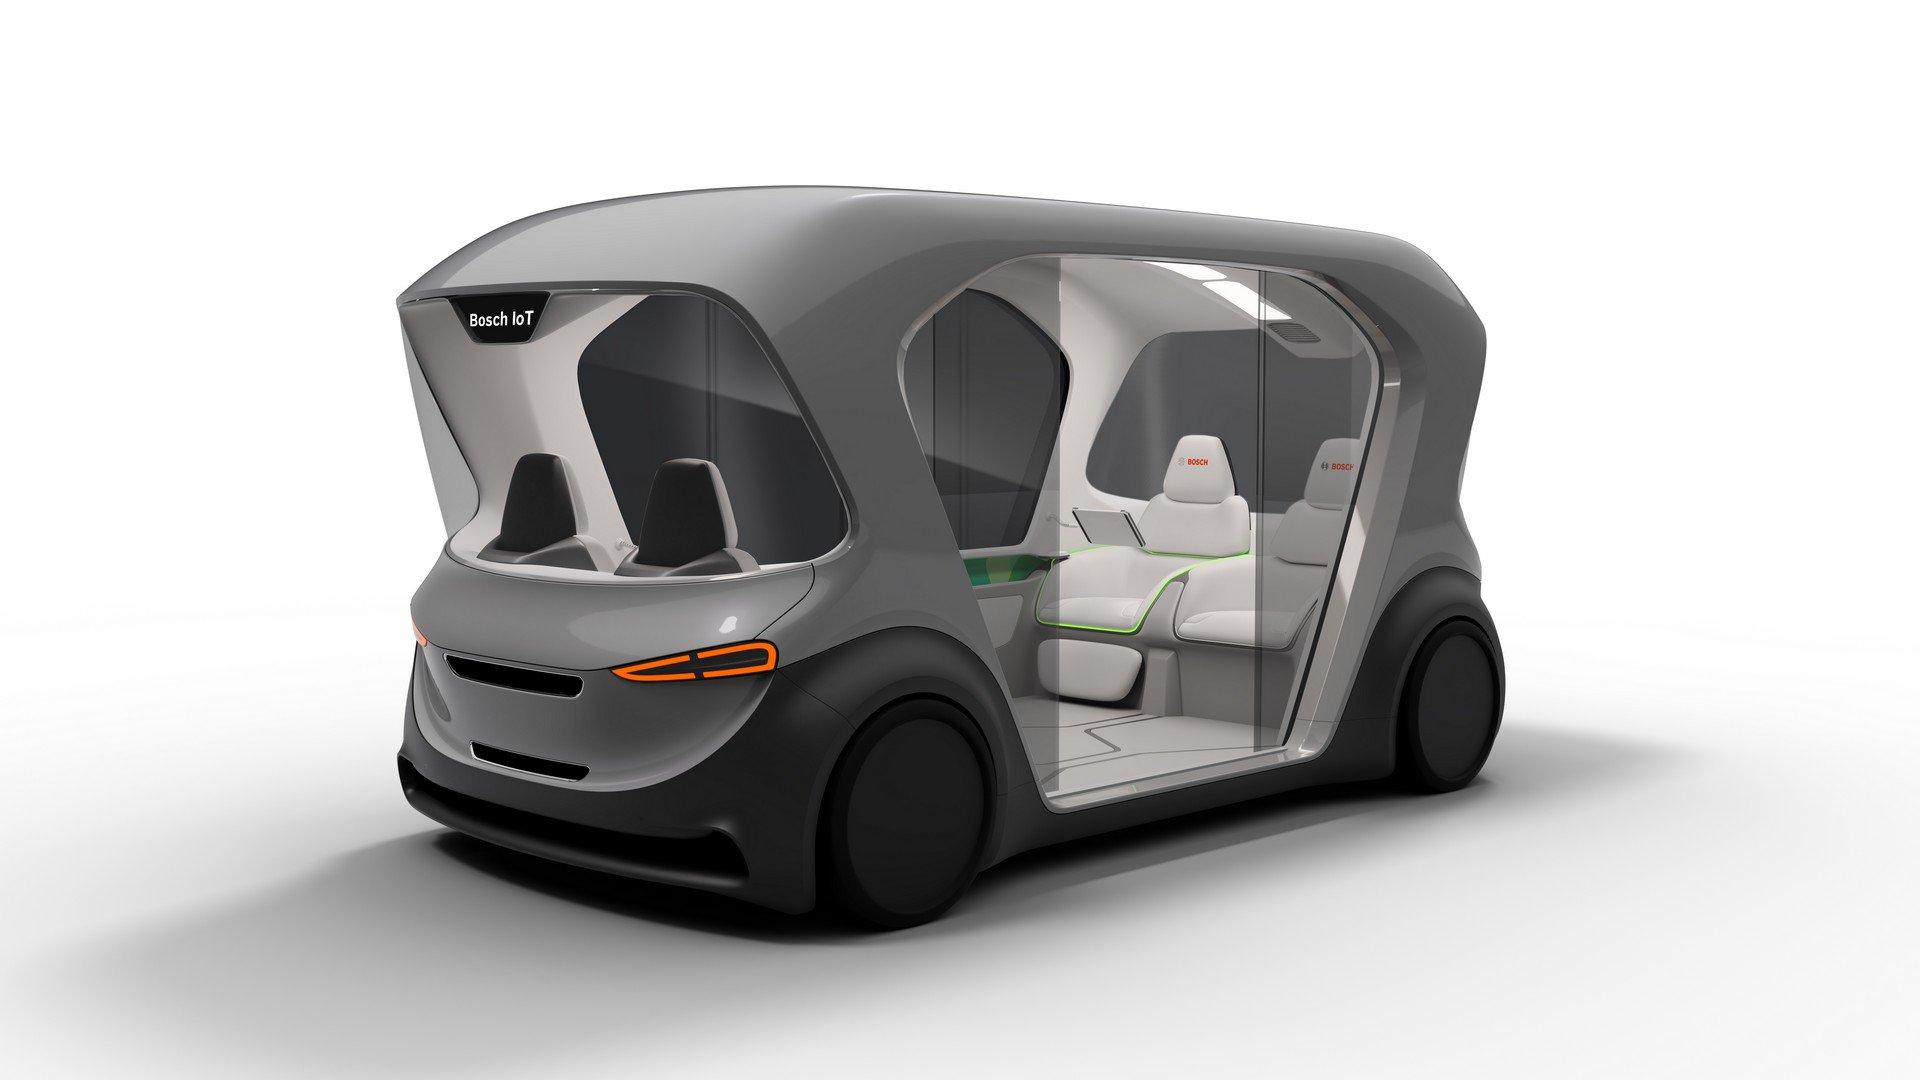 Bosch Autonomousshuttle concept (6)